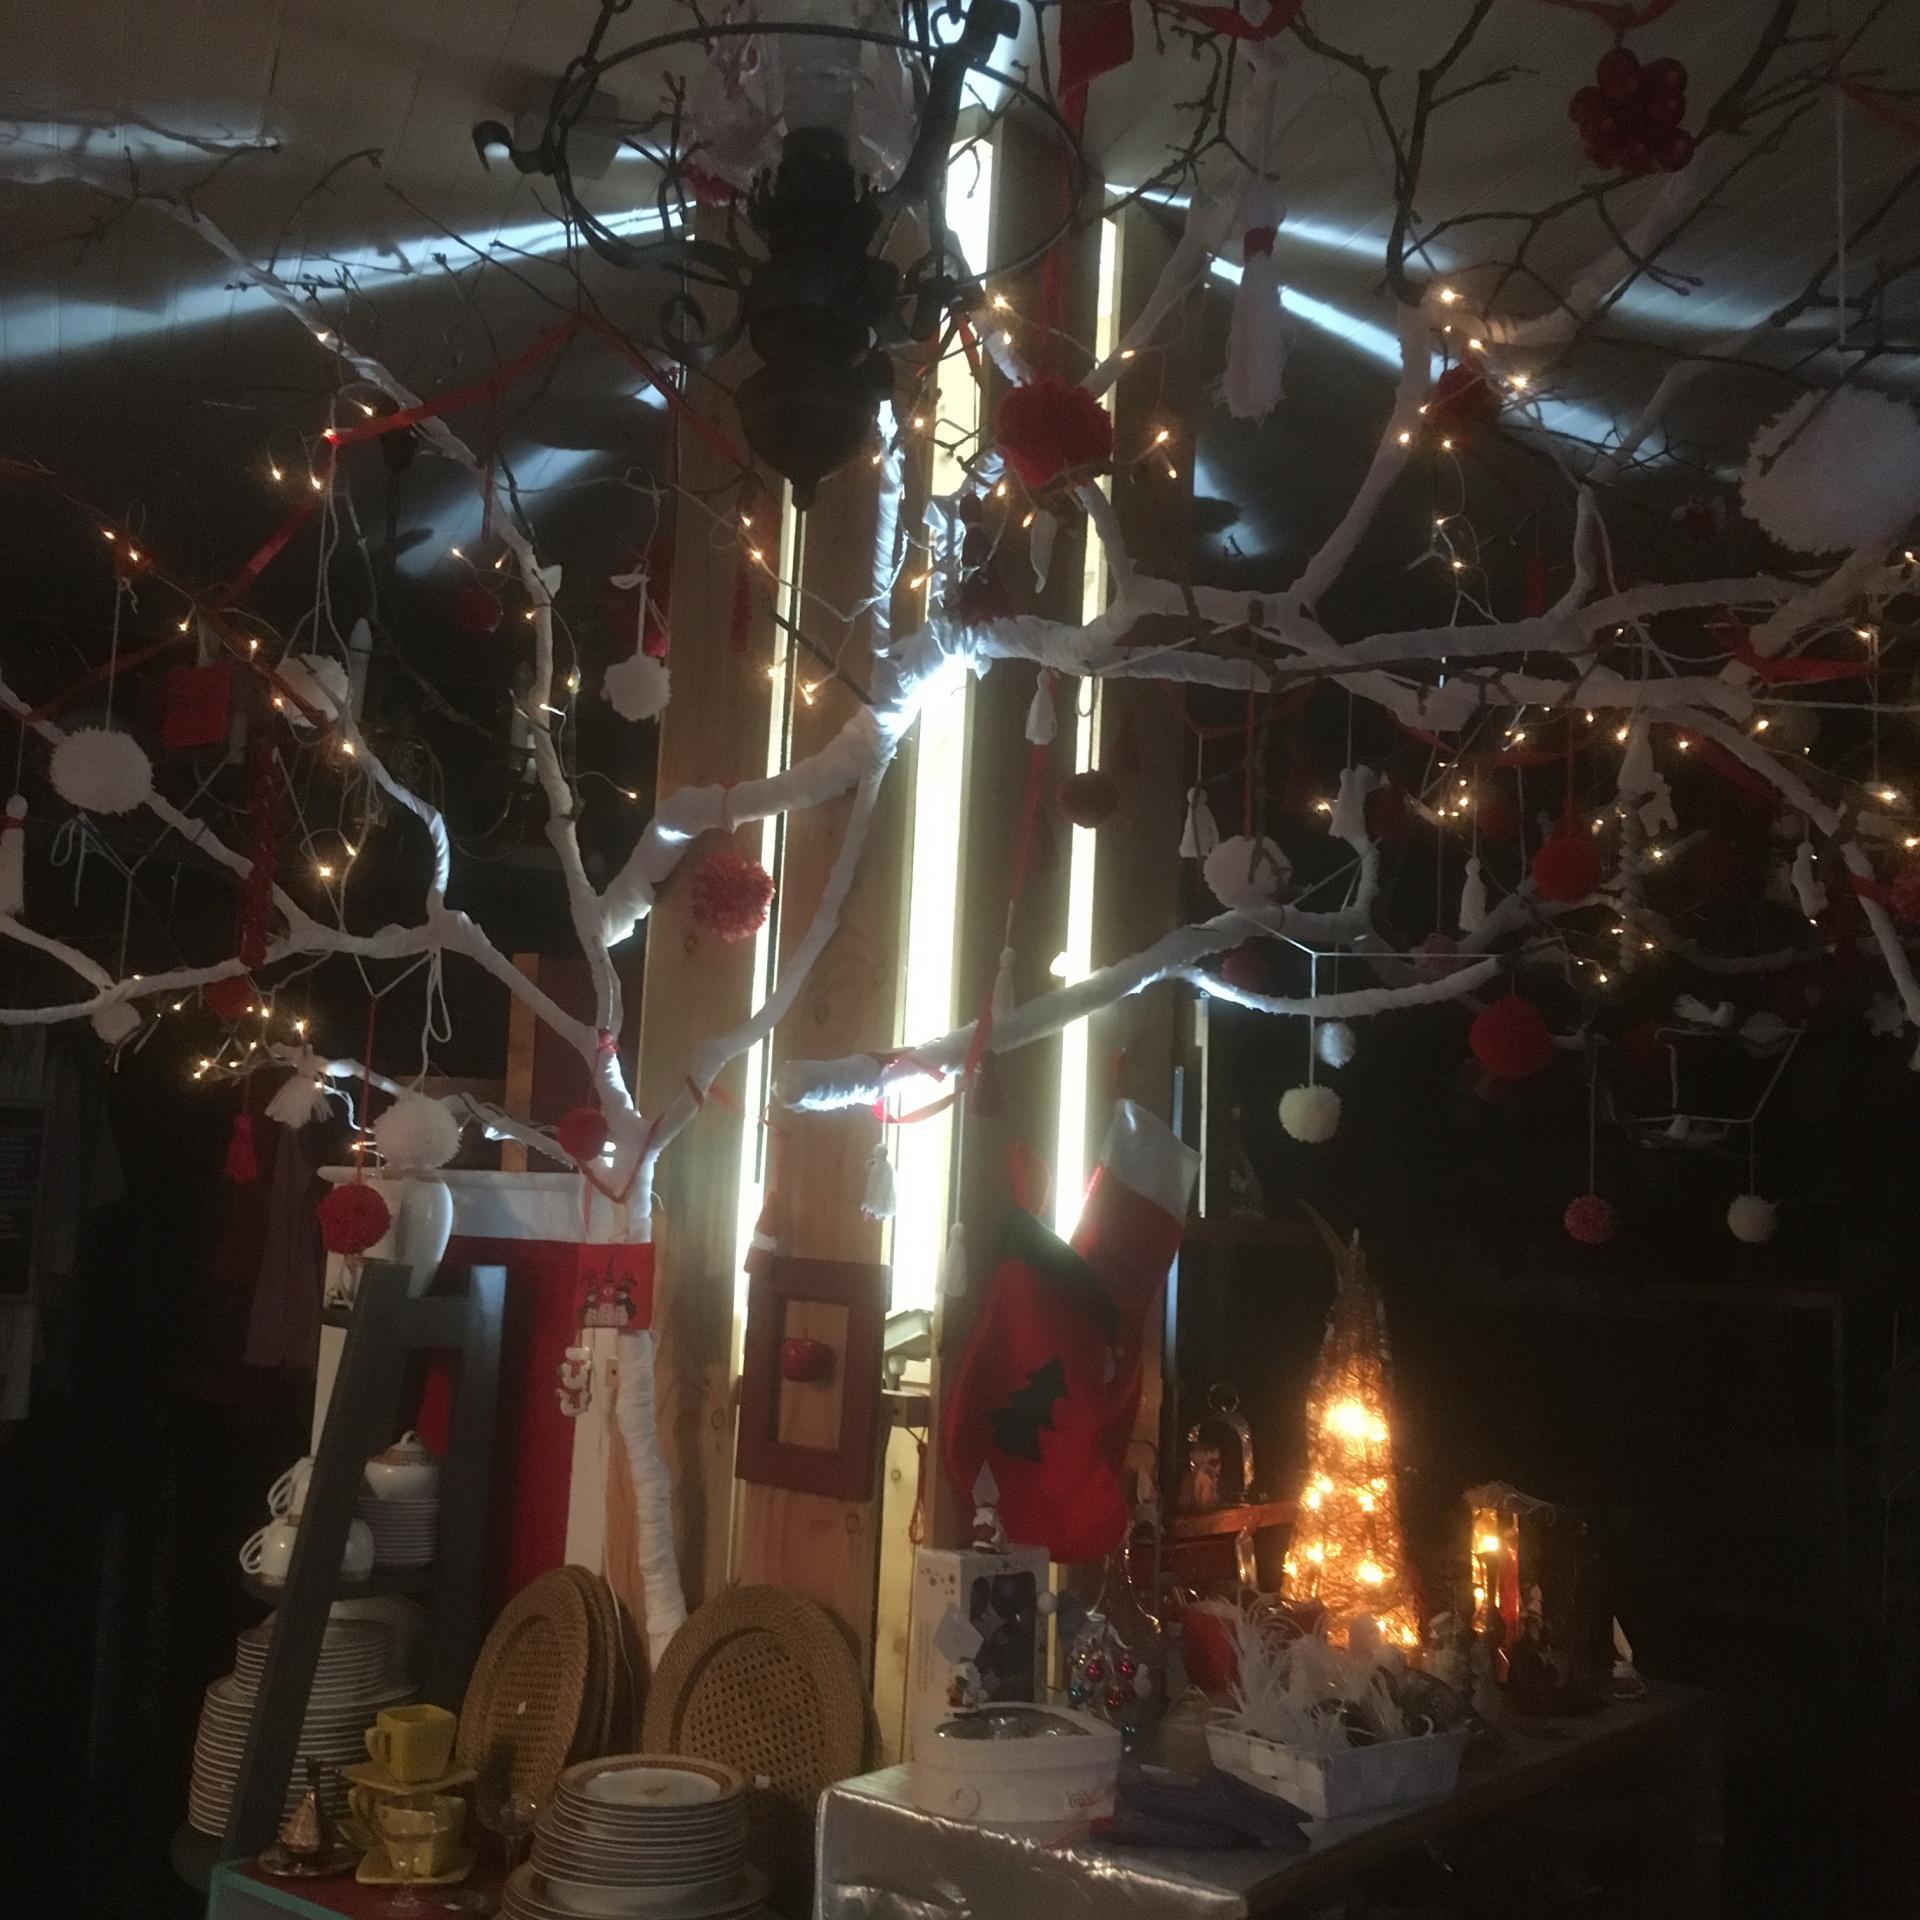 Une boutique qui se remet des fêtes, des lumières, des bonnes tables...